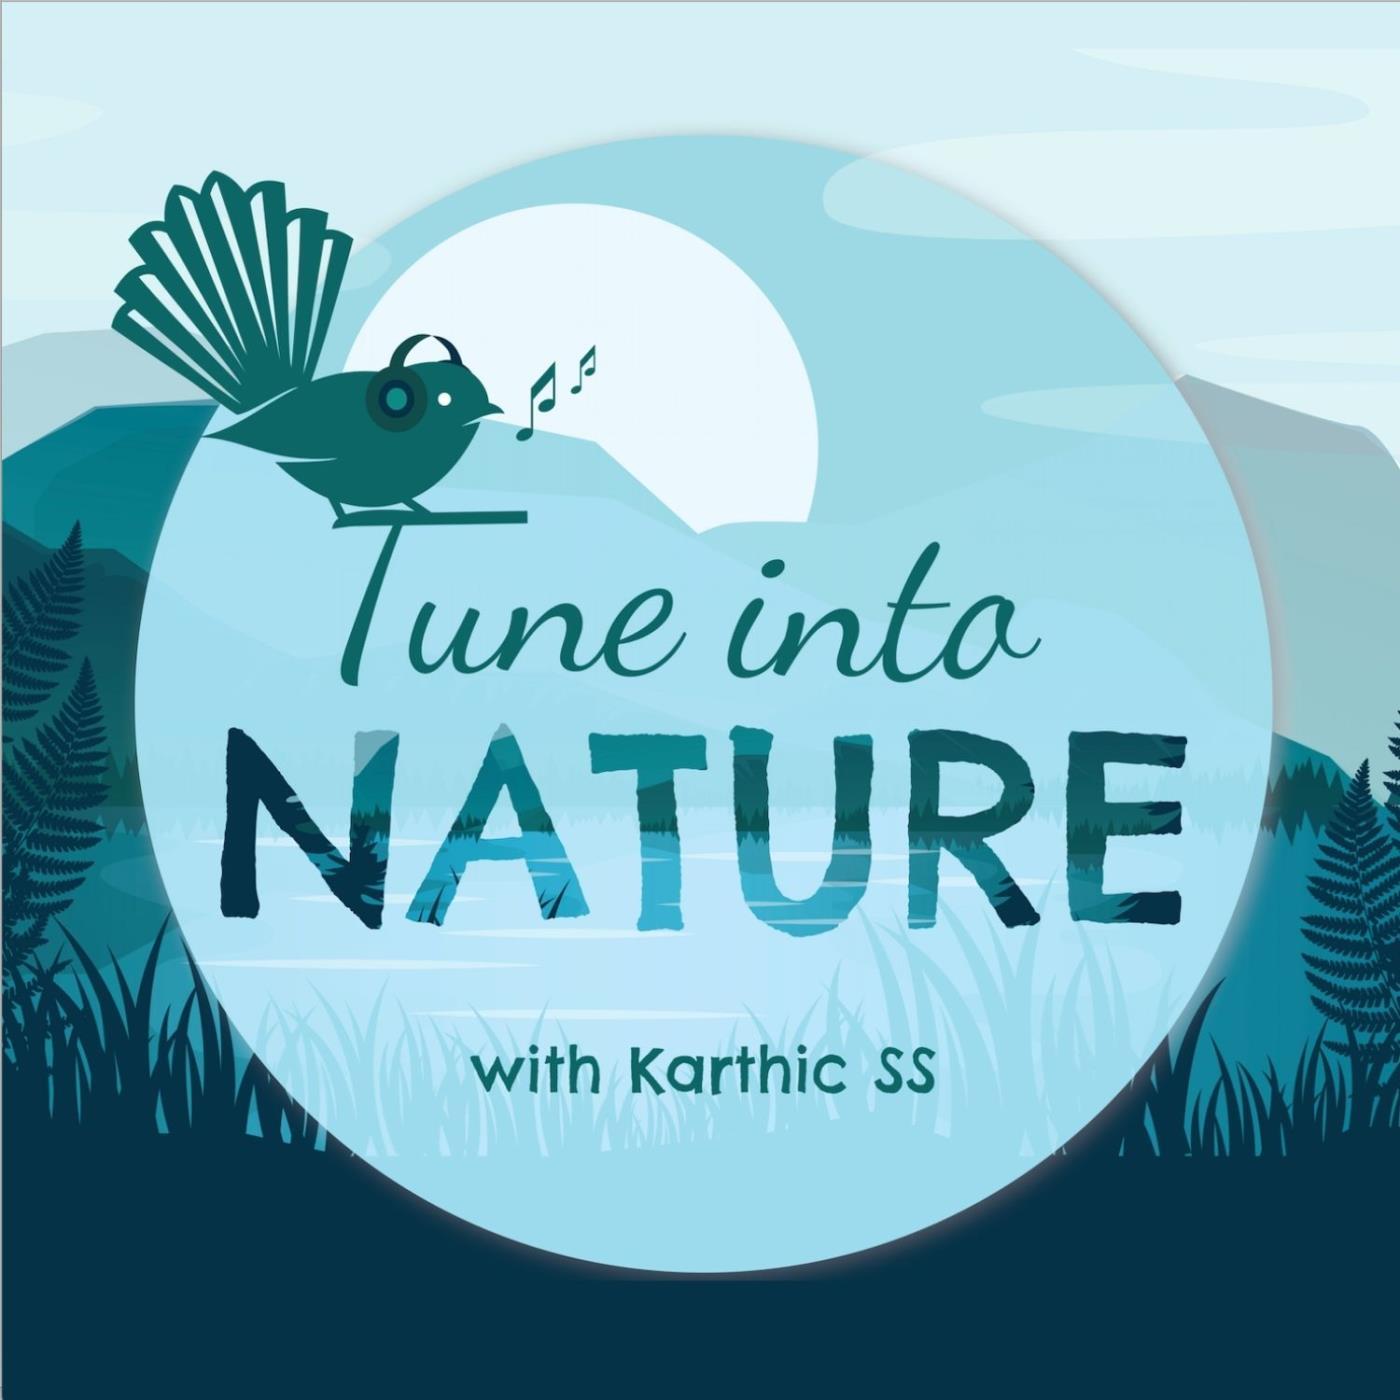 Tune into Nature